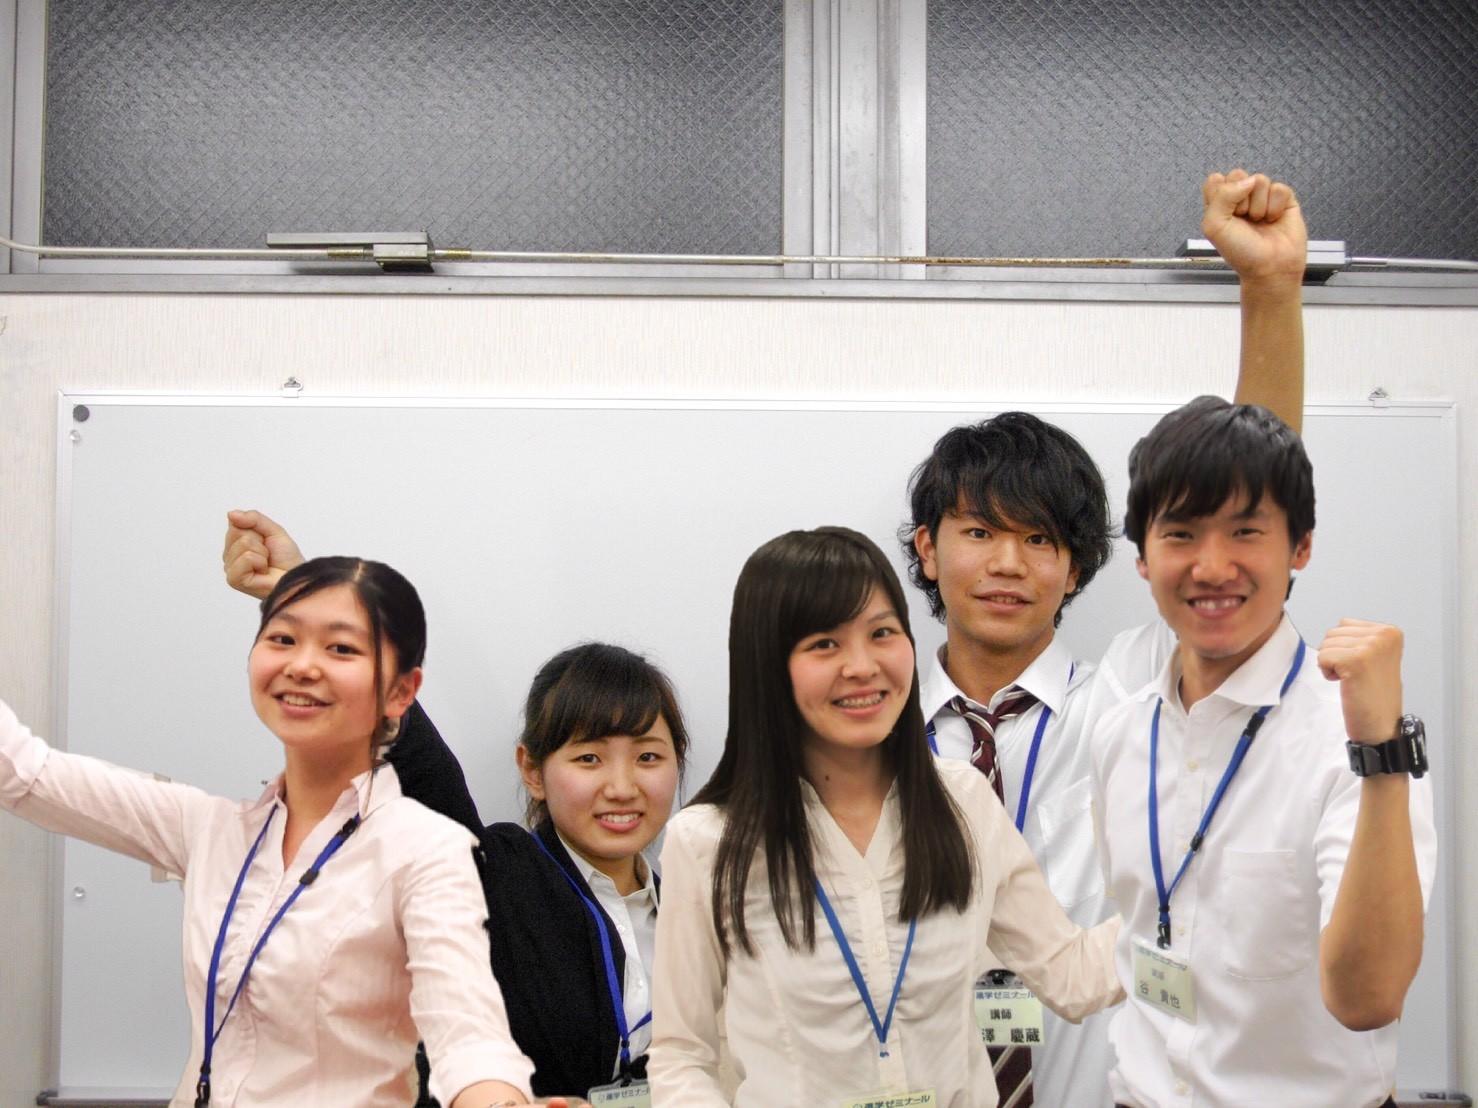 進学ゼミナール 吉田駅前校 のアルバイト情報